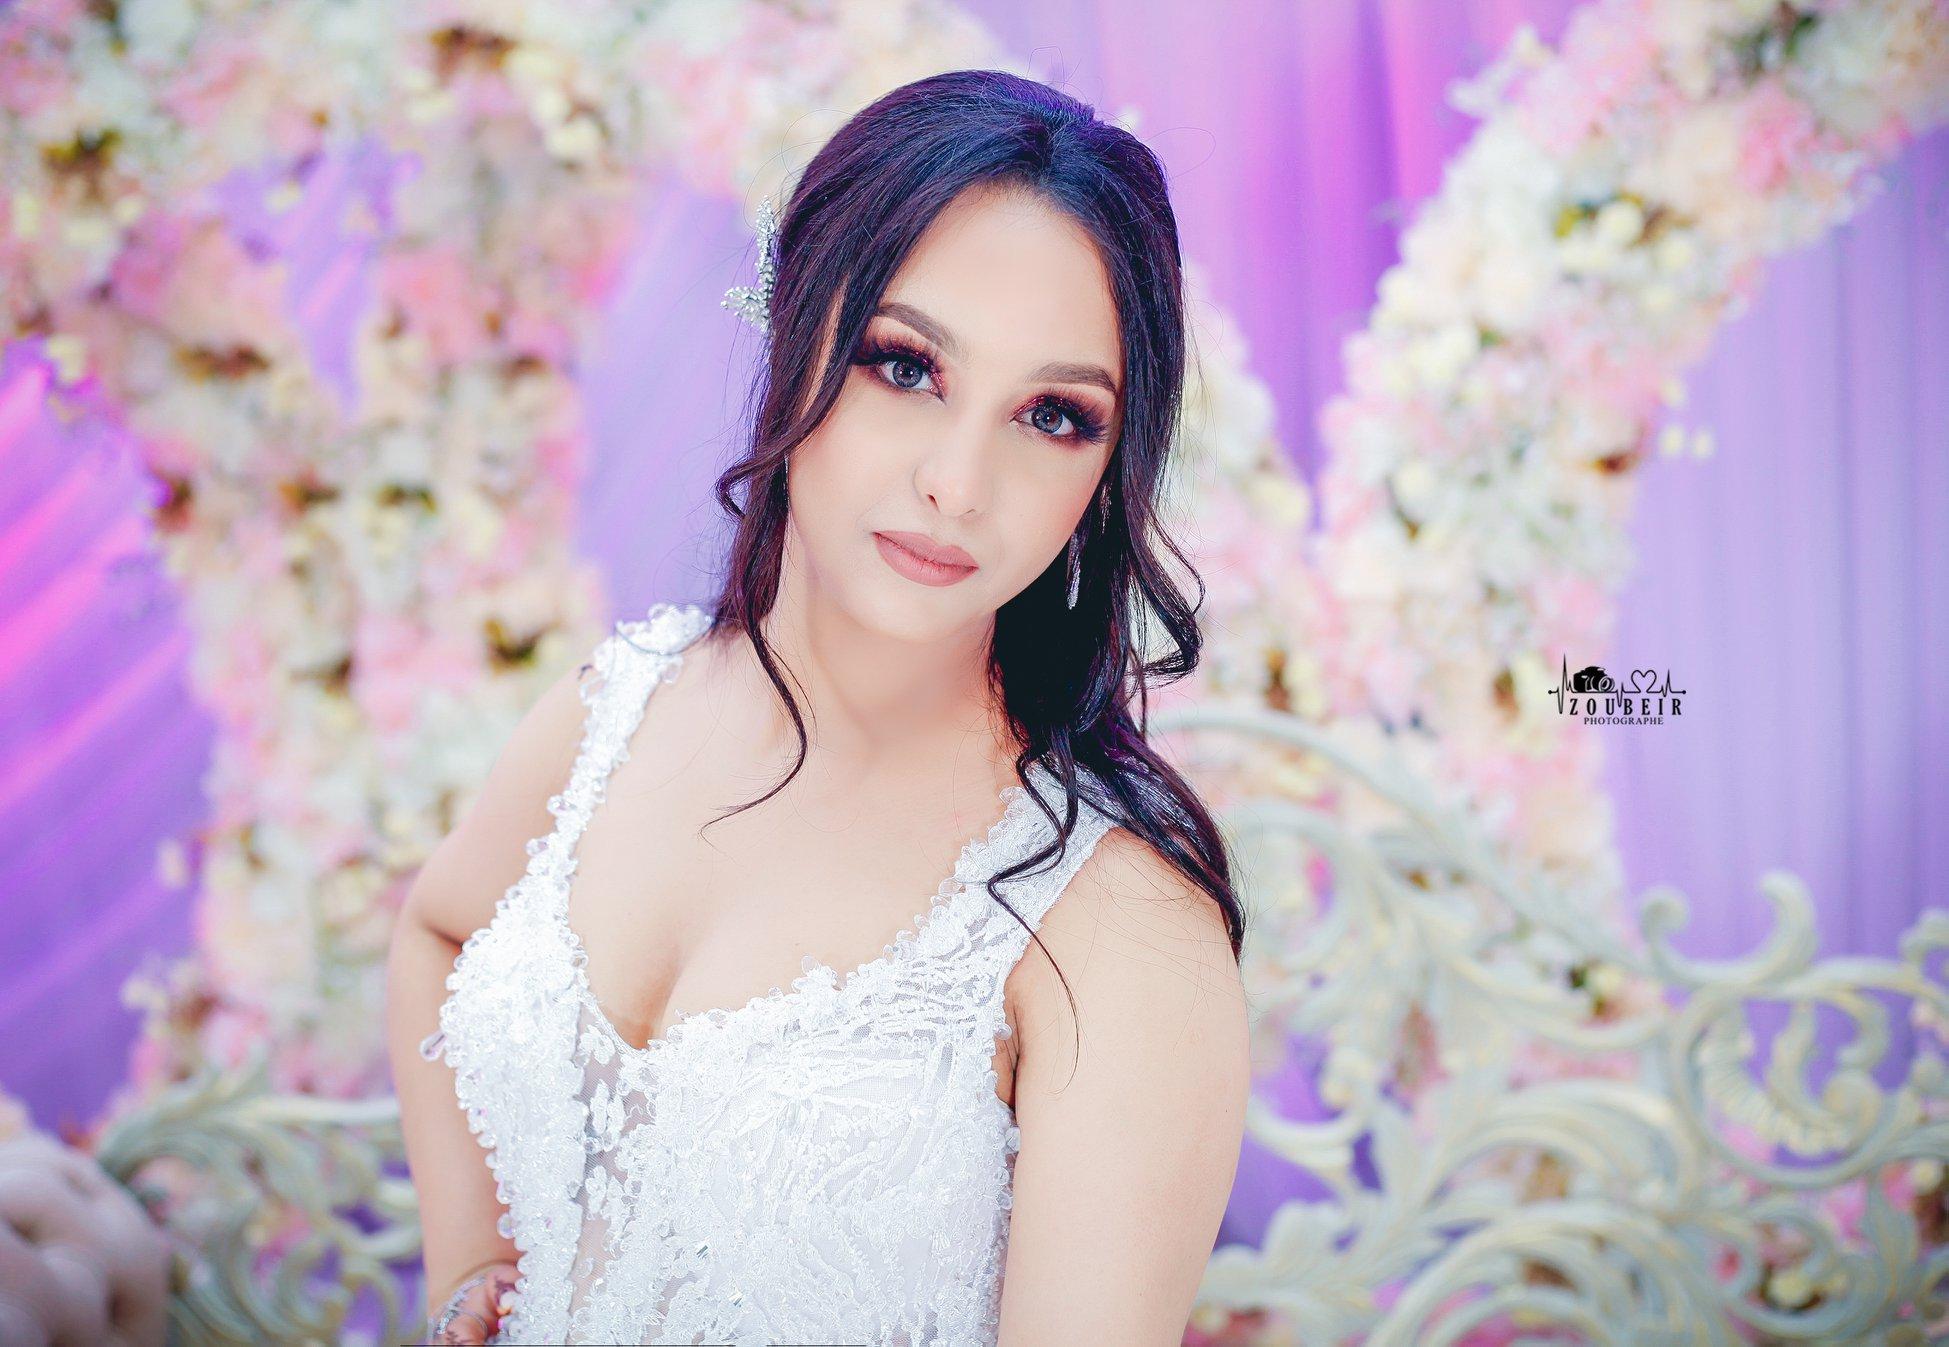 imen3_plus_belles_mariées_tunisiennes_186_2019